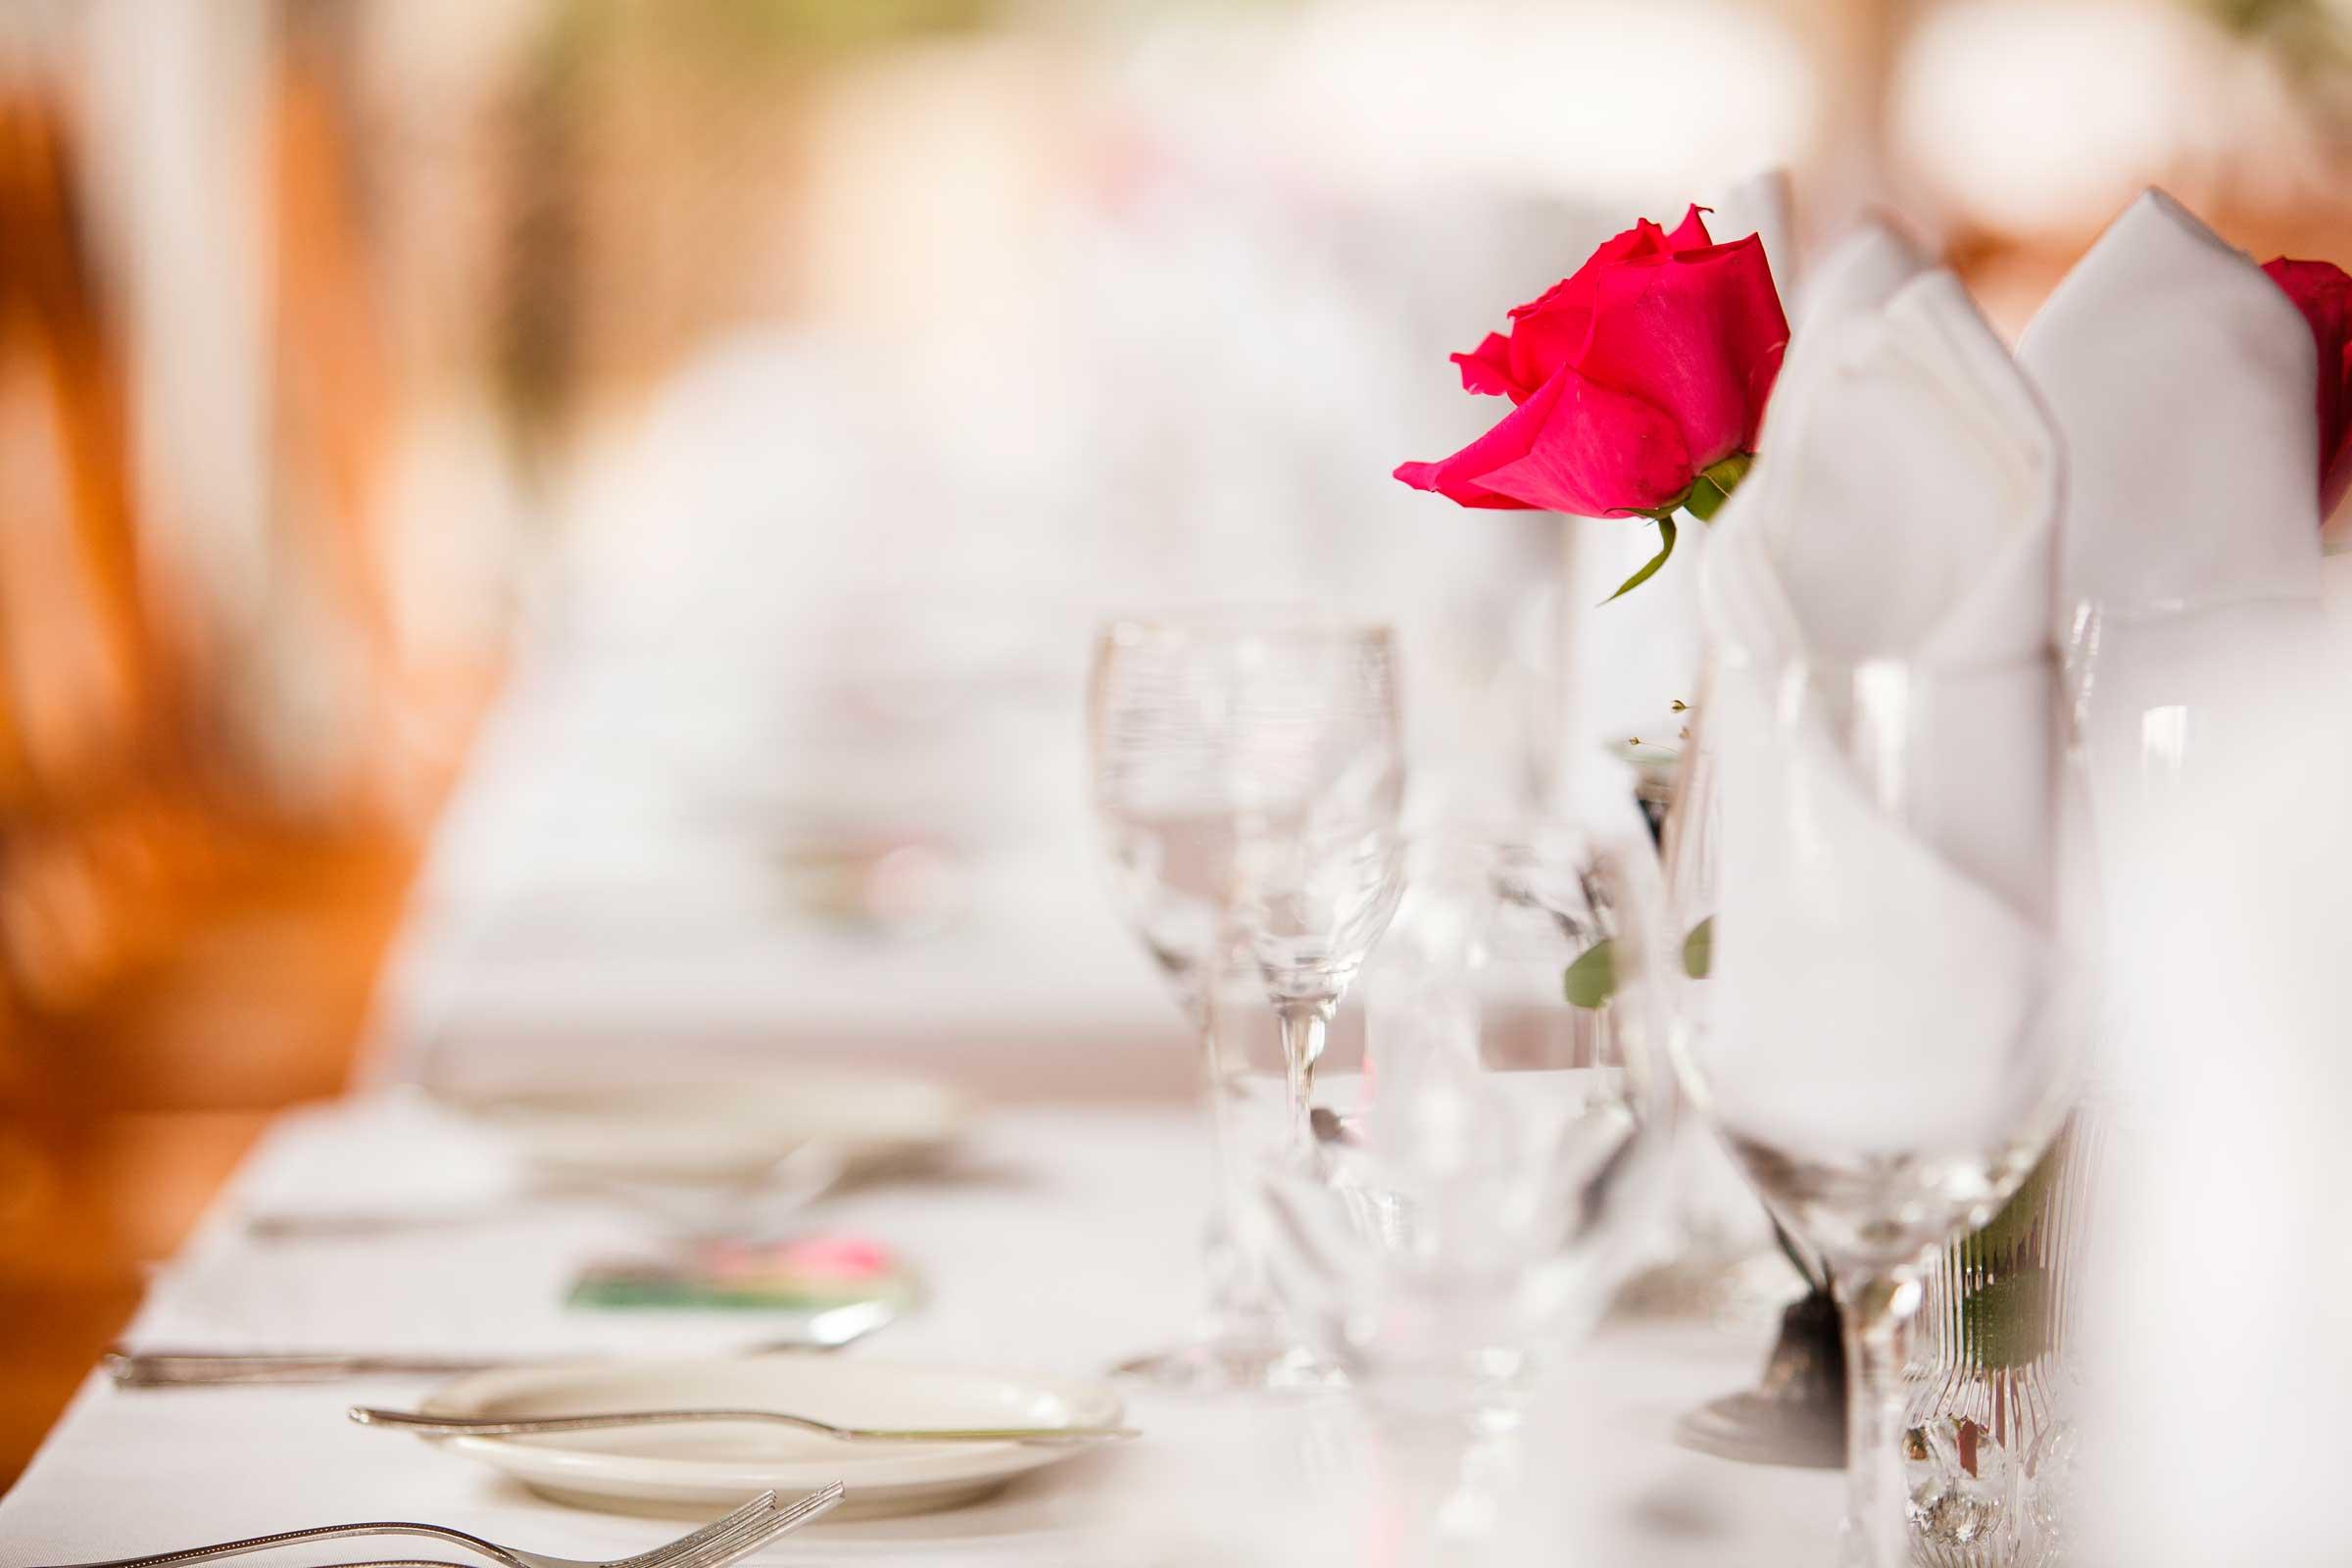 Zastawa stołu na bankiecie w Zakopanem